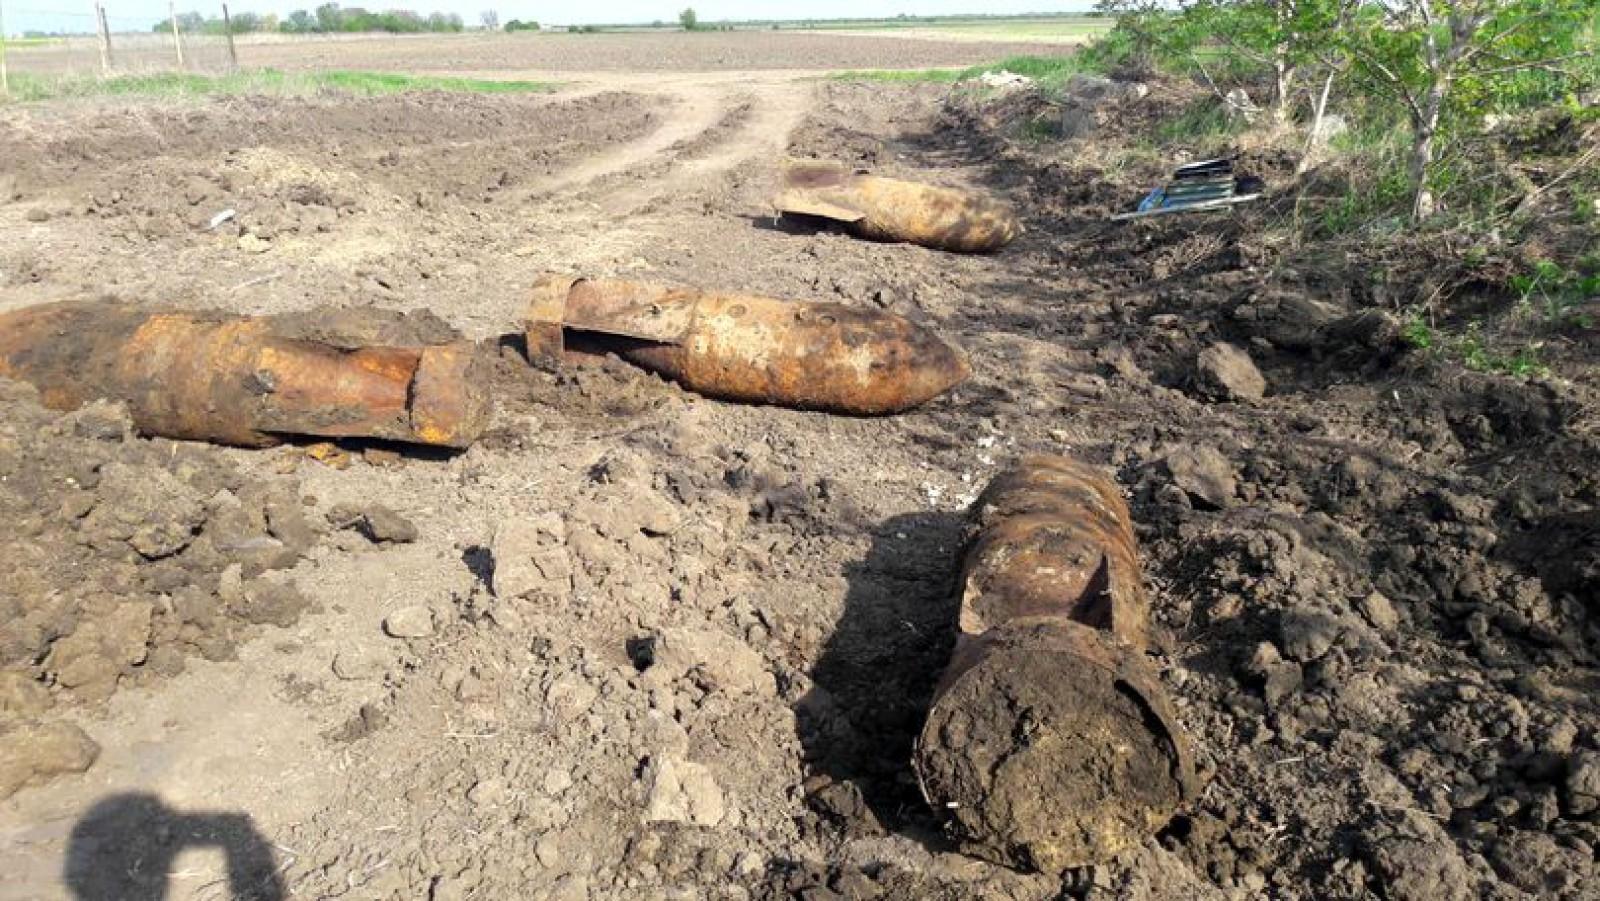 Șase bombe de aviație de câte 500 de kilograme au fost descoperite lângă Focșani. Zona ar putea fi evacuată